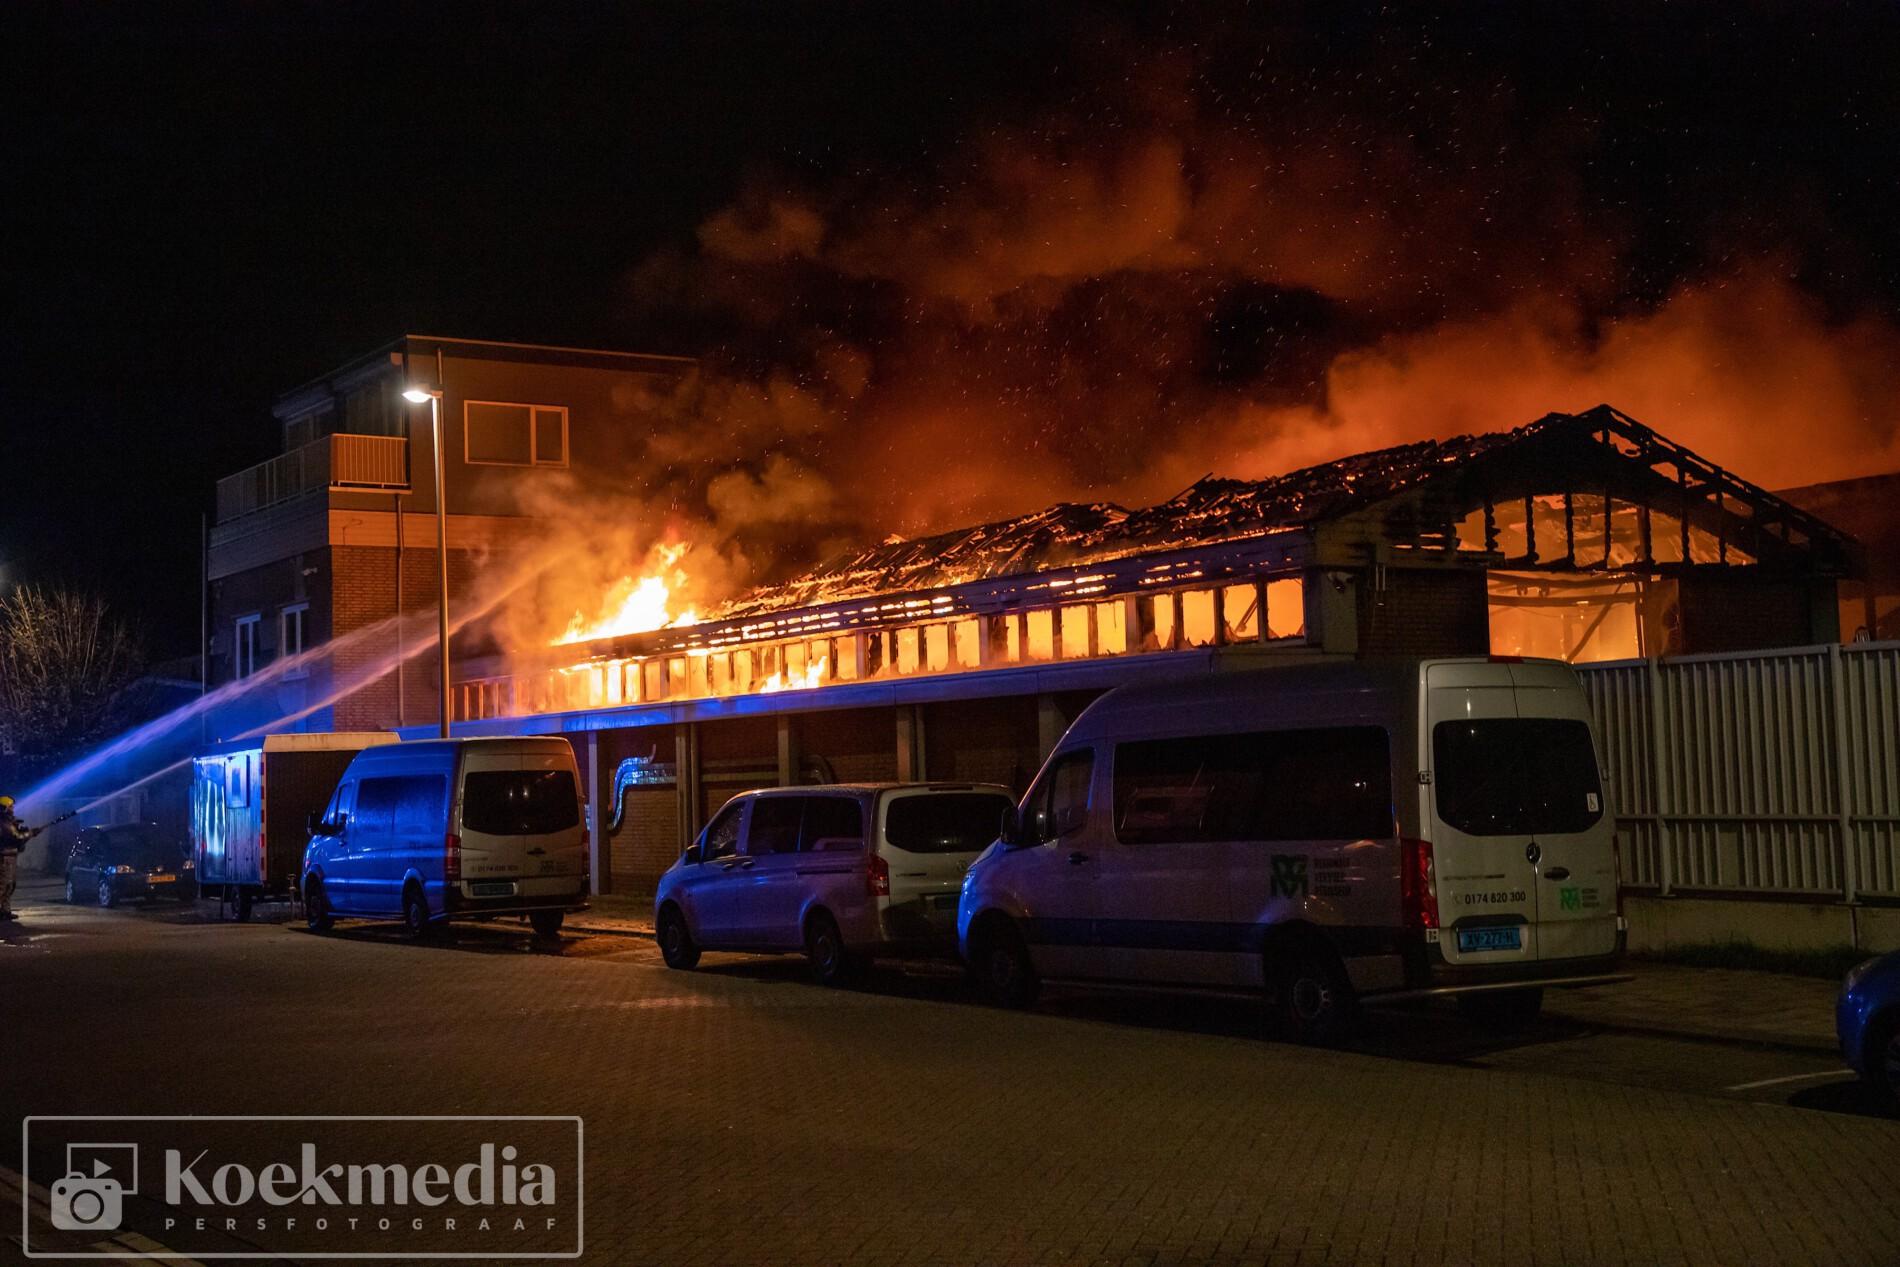 Zeer grote brand in kringloopwinkel Hoek van Holland